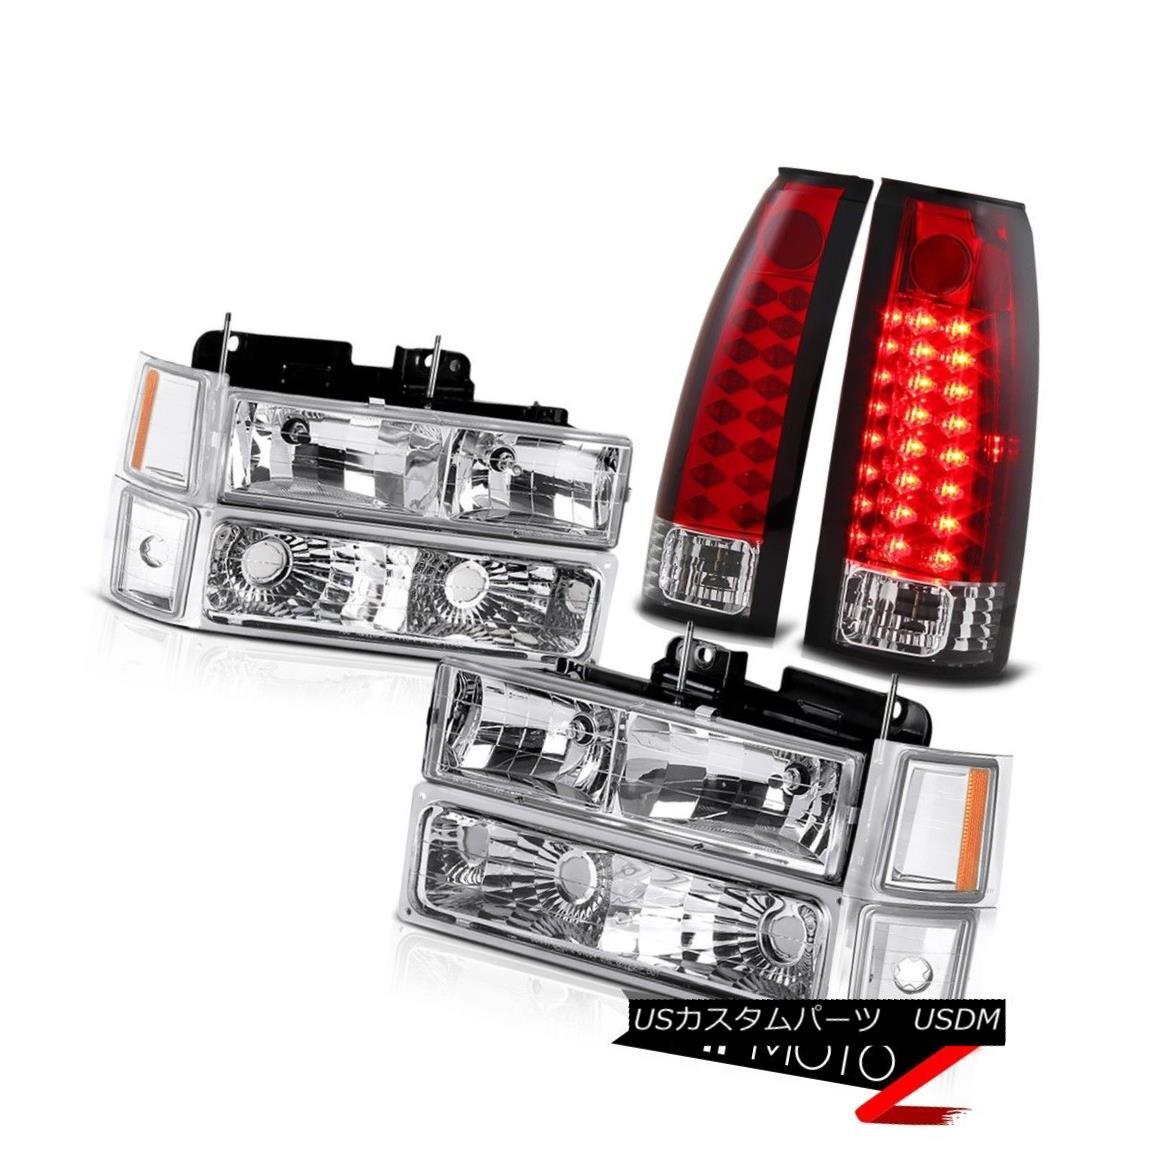 ヘッドライト Suburban 1500 2500 Silverado CK New Bumper Corner Headlights Red LED Brake Lamps 郊外1500 2500 Silverado CK新しいバンパーコーナーヘッドライト赤色LEDブレーキランプ